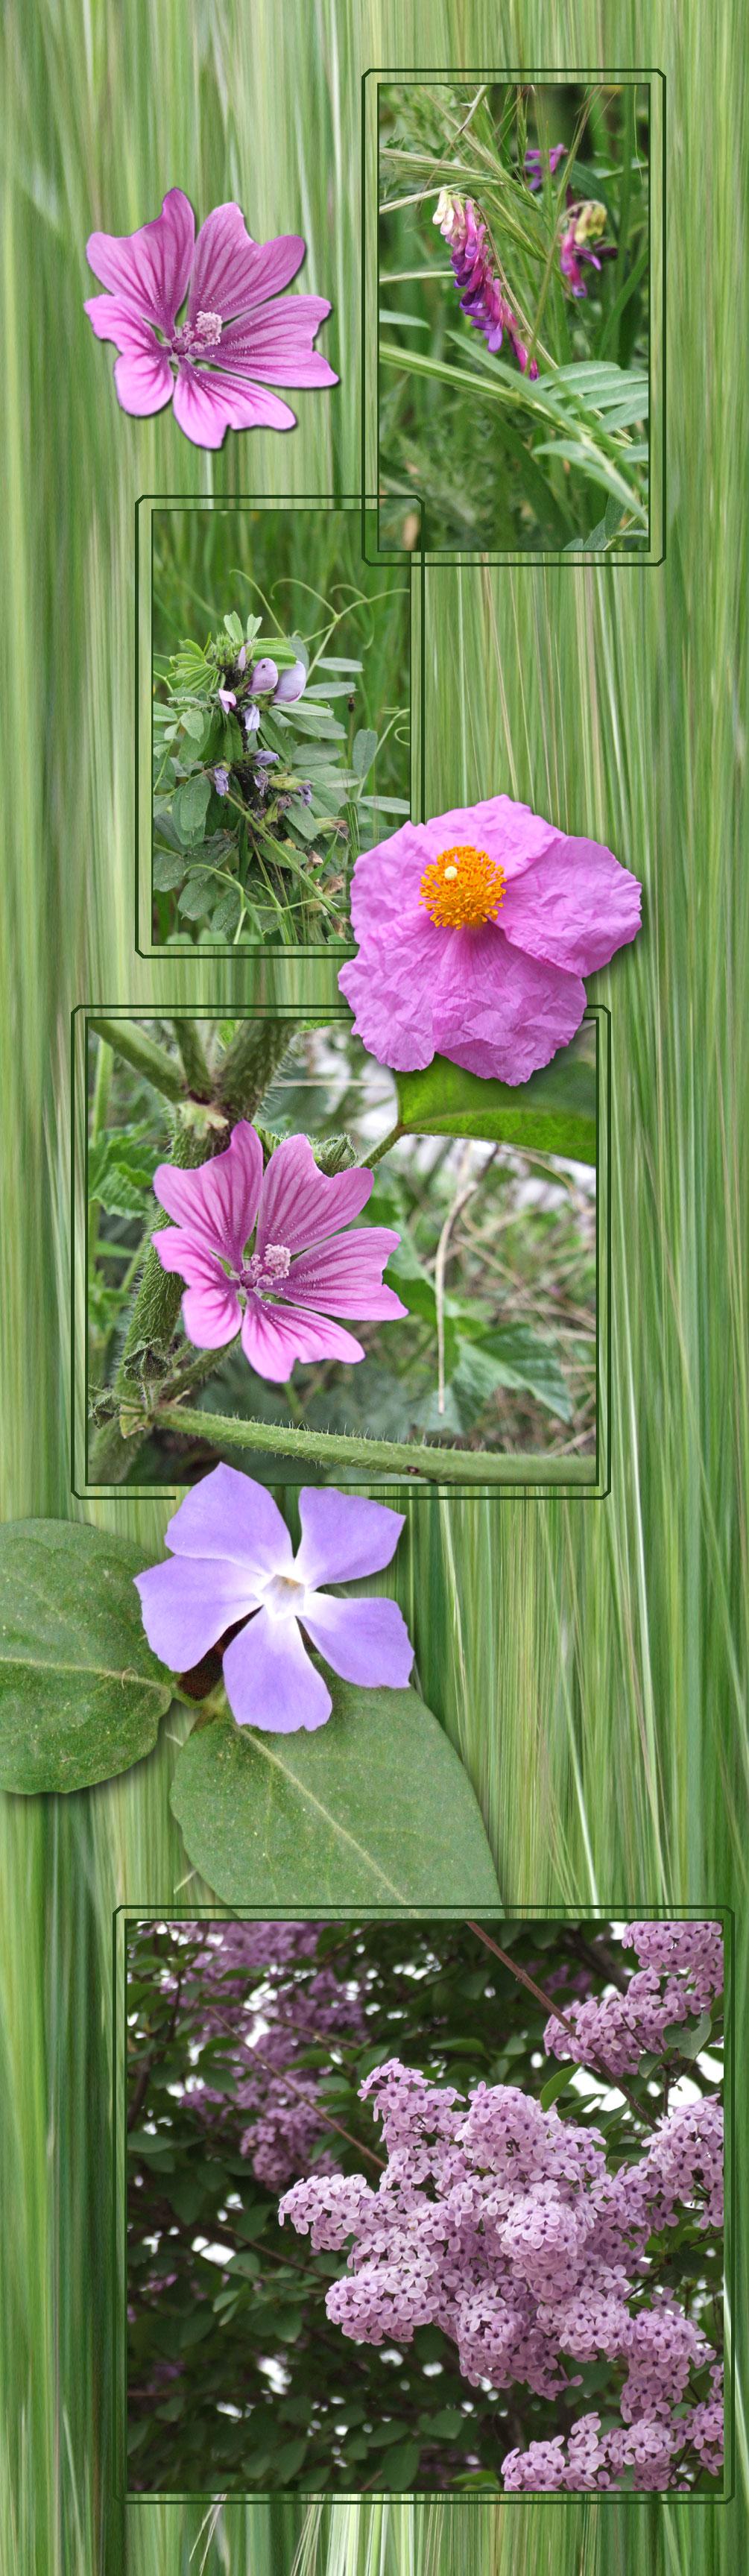 Fleurs mauves au bord du chemin